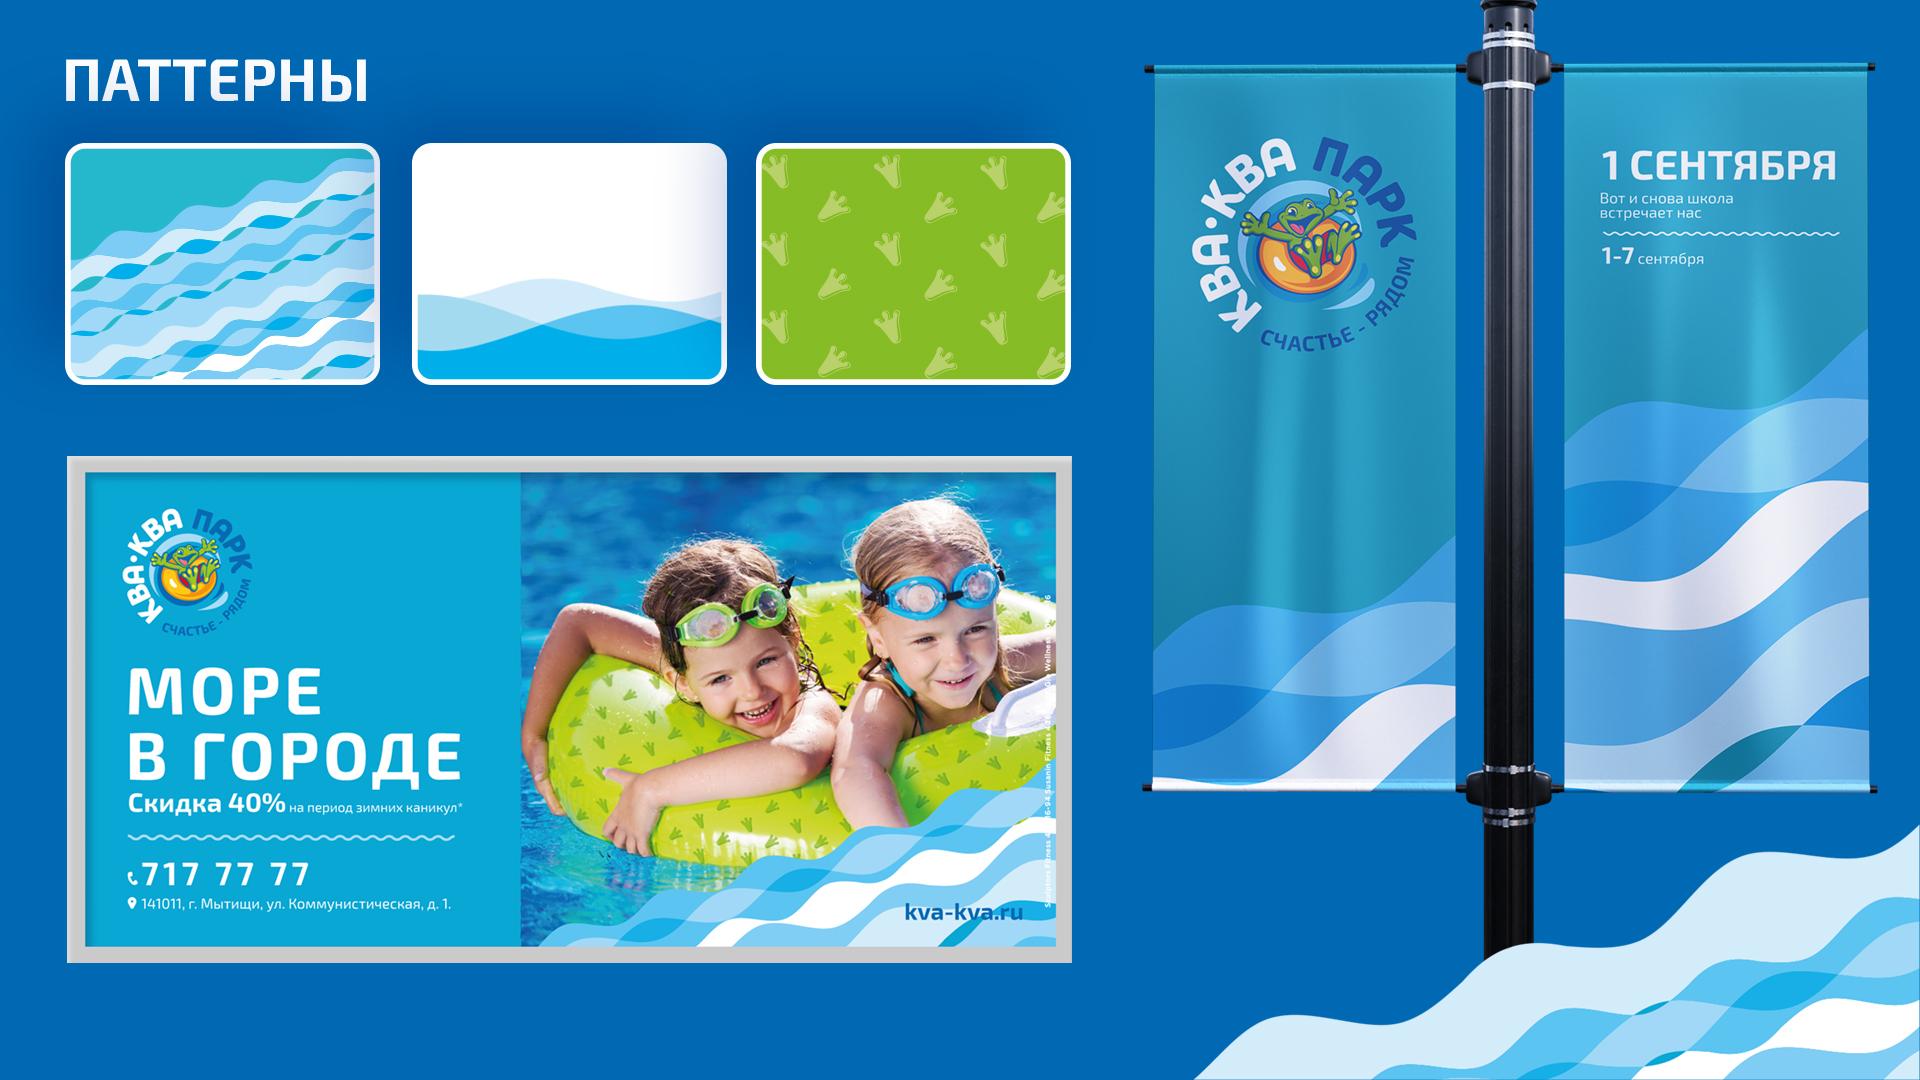 Паттерны для разработки коммуникации аквапарка Ква-Ква Парк